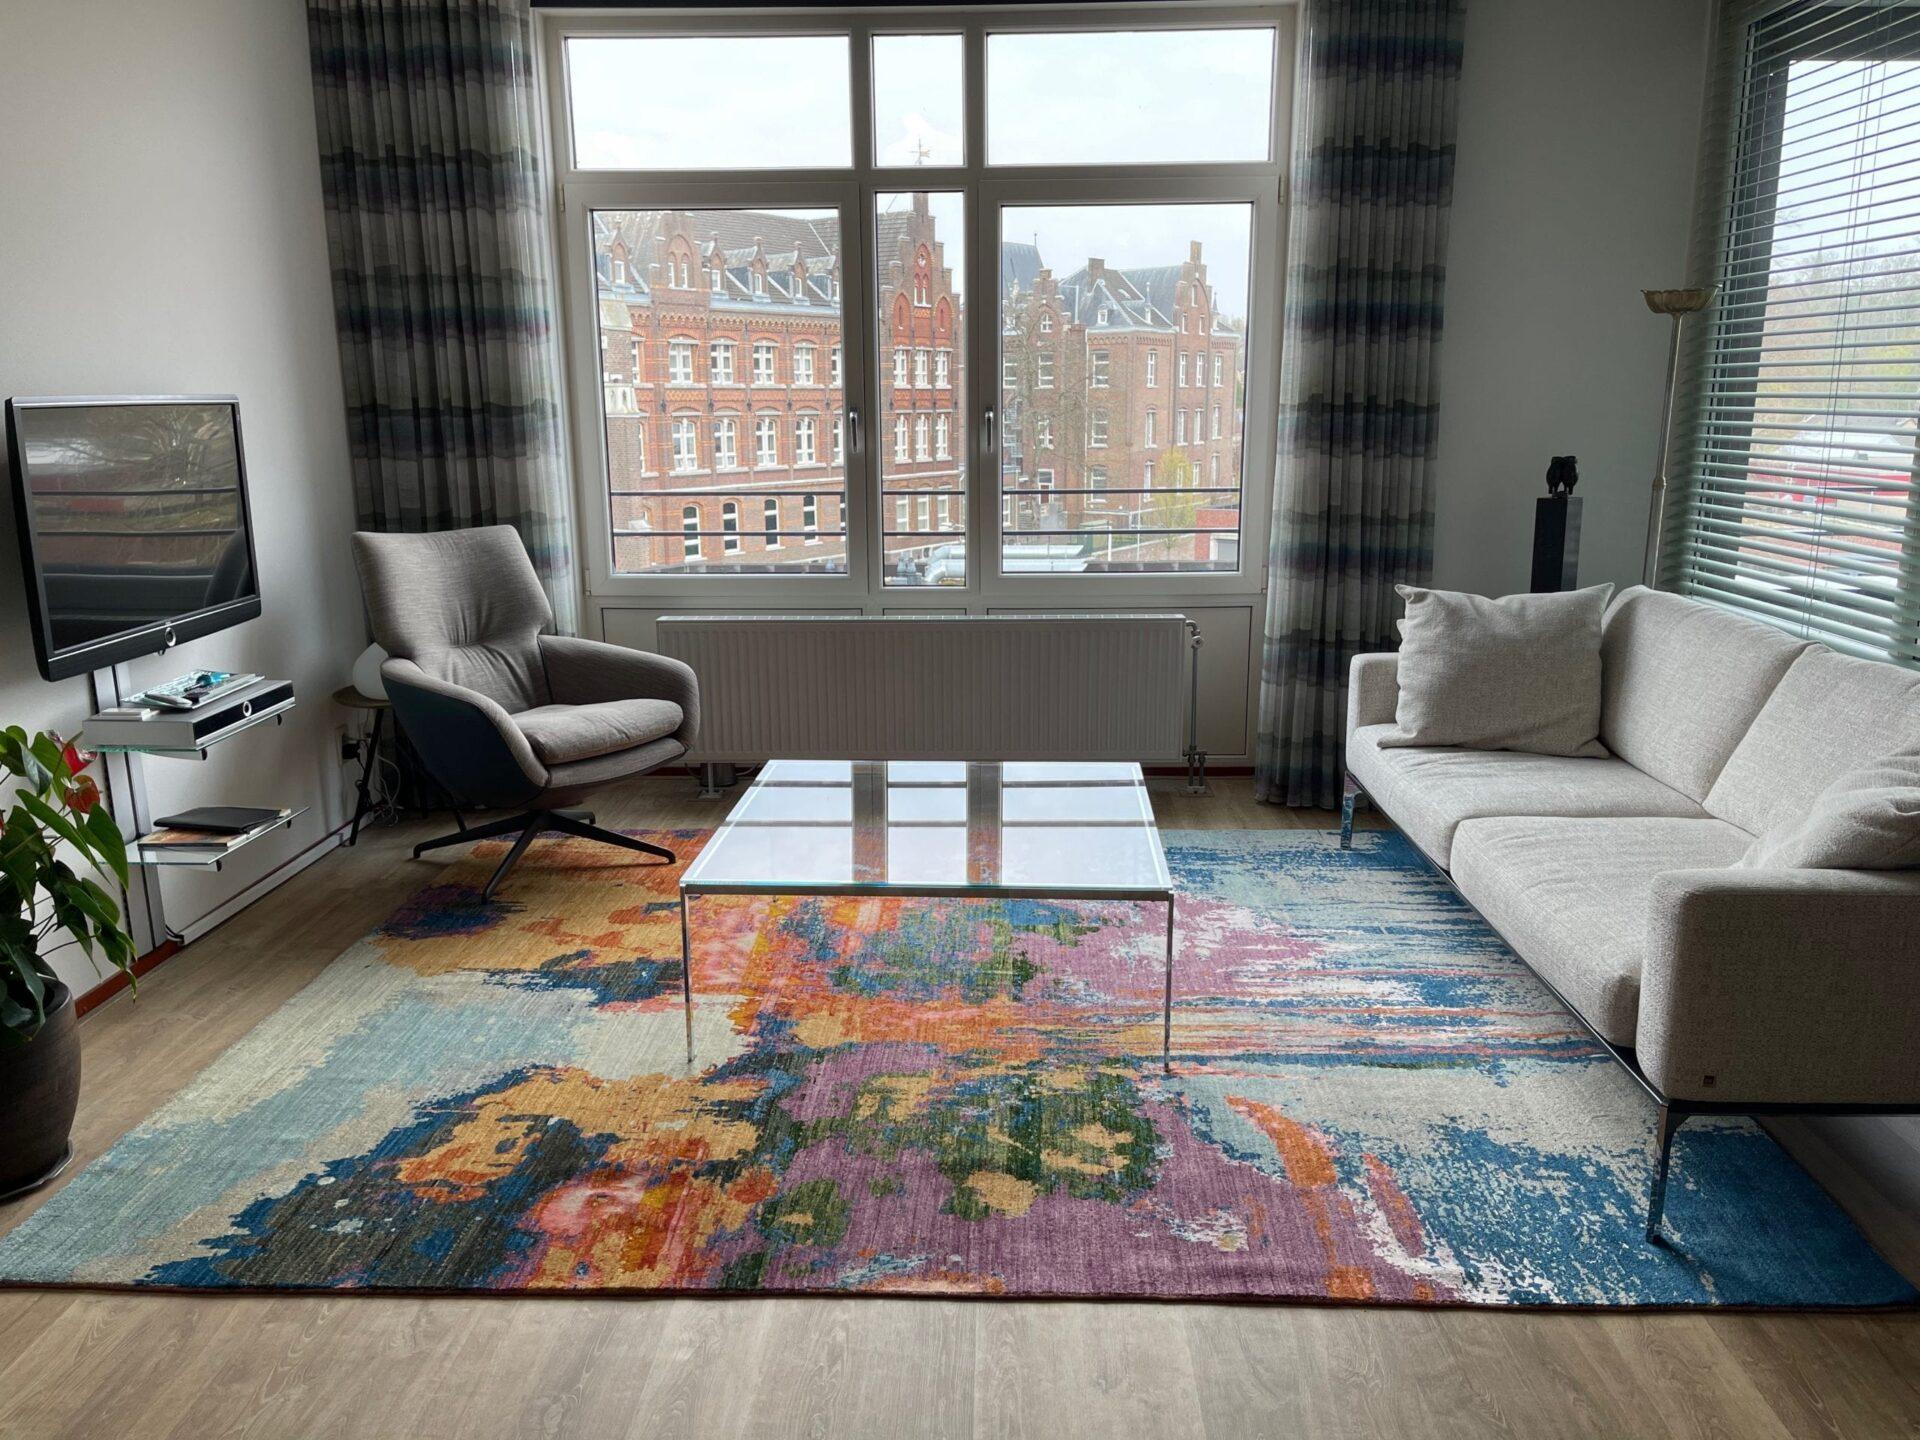 dit avantgarde dripping colours vloerkleed is een kunstwerk in uw interieur.